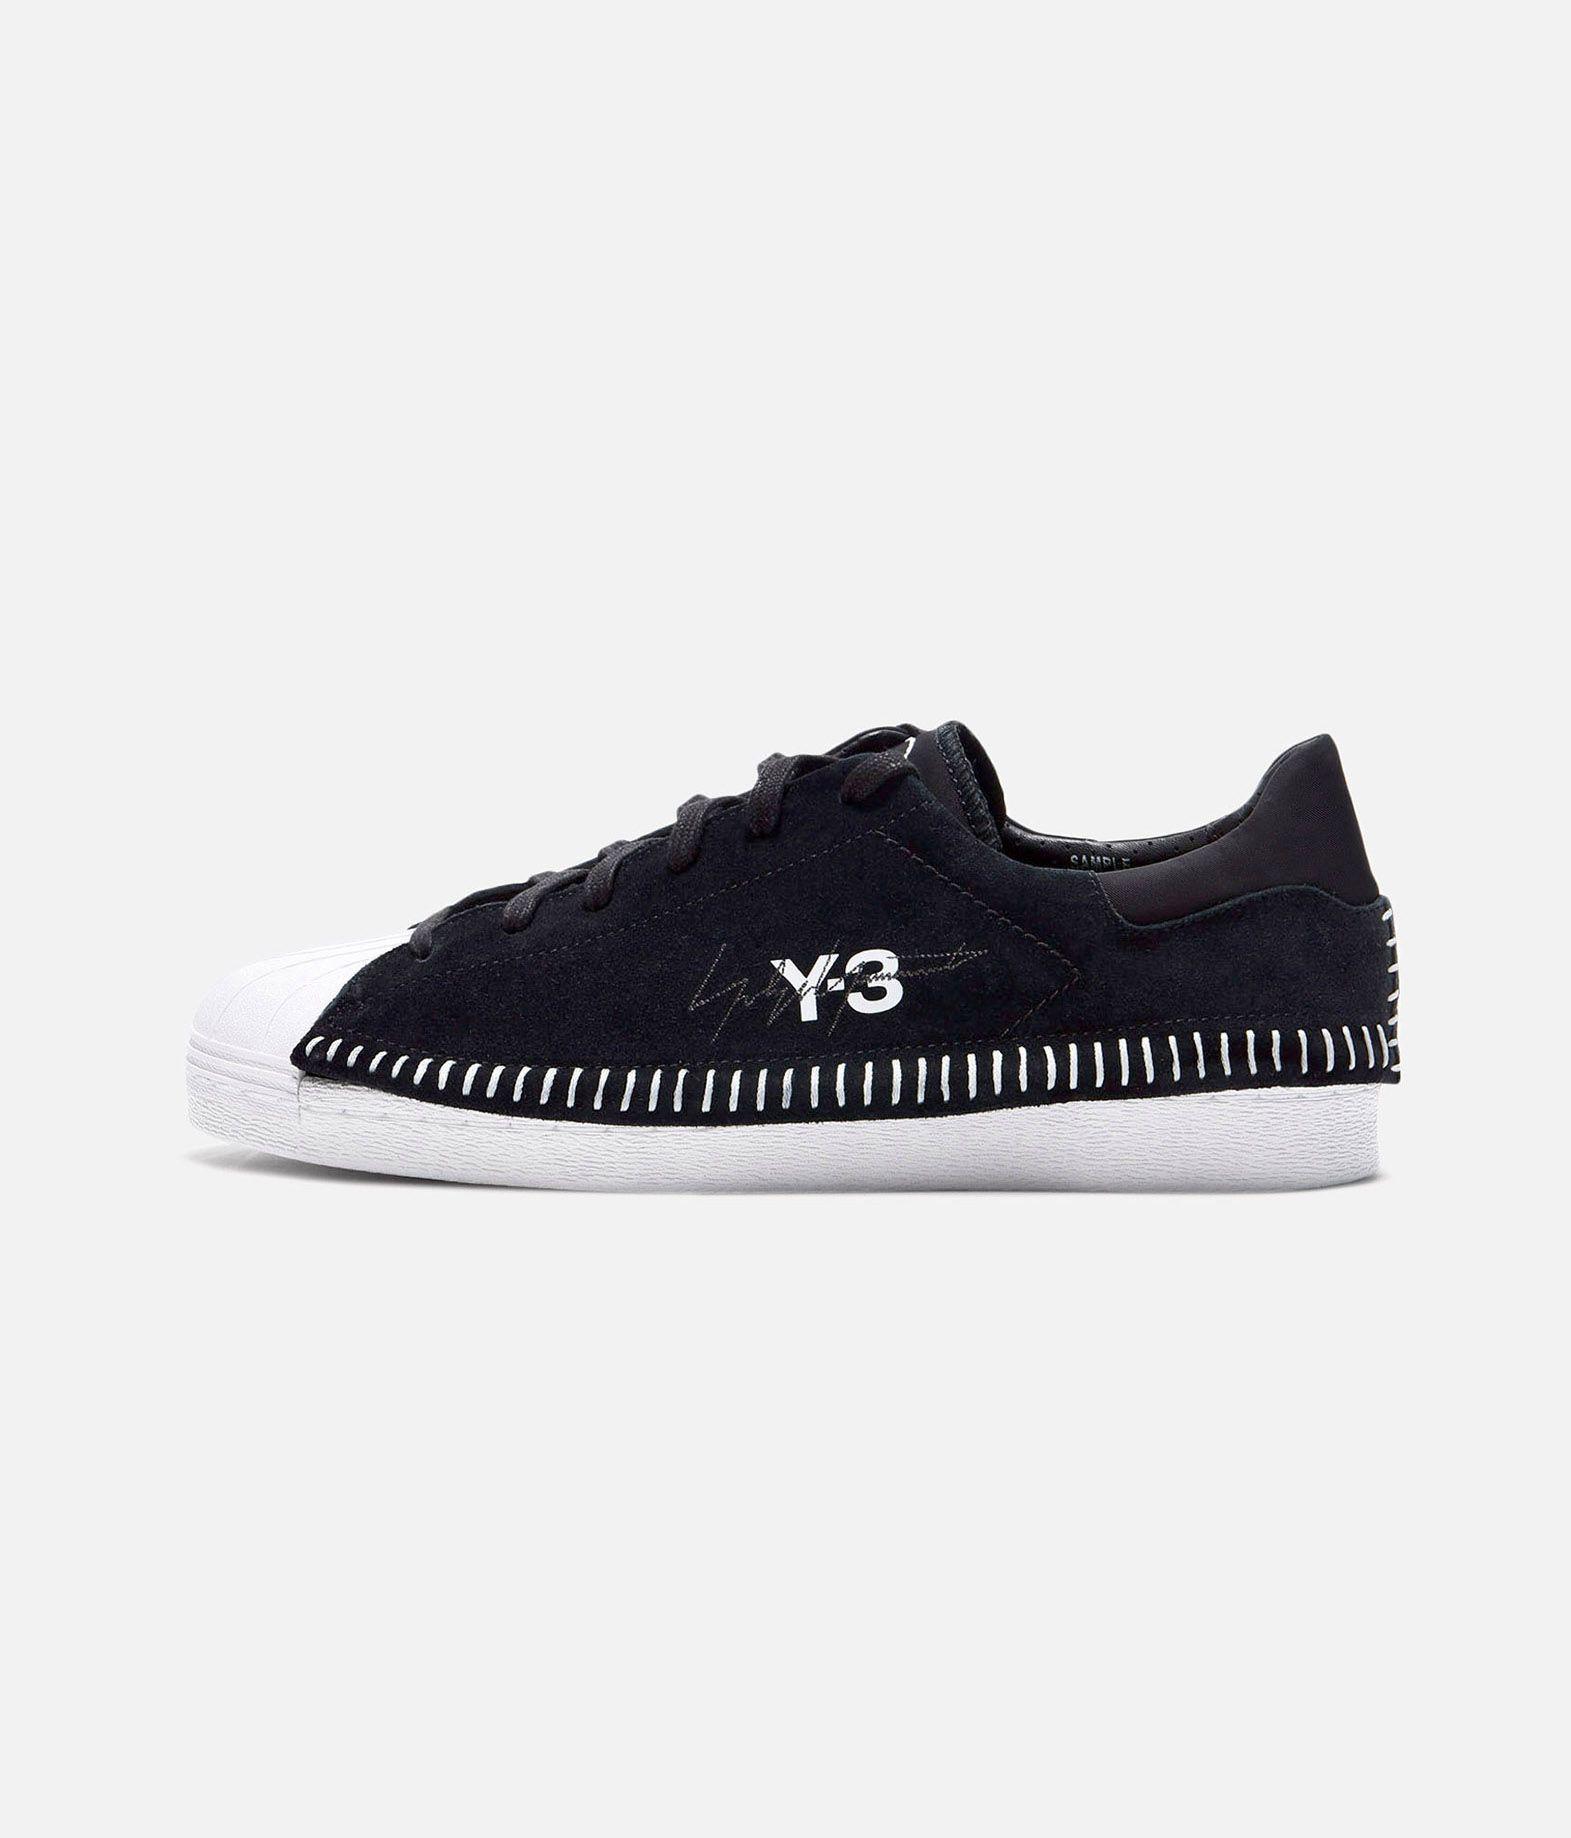 f0420f196 Y-3 Y-3 Bynder Super Sneakers E f